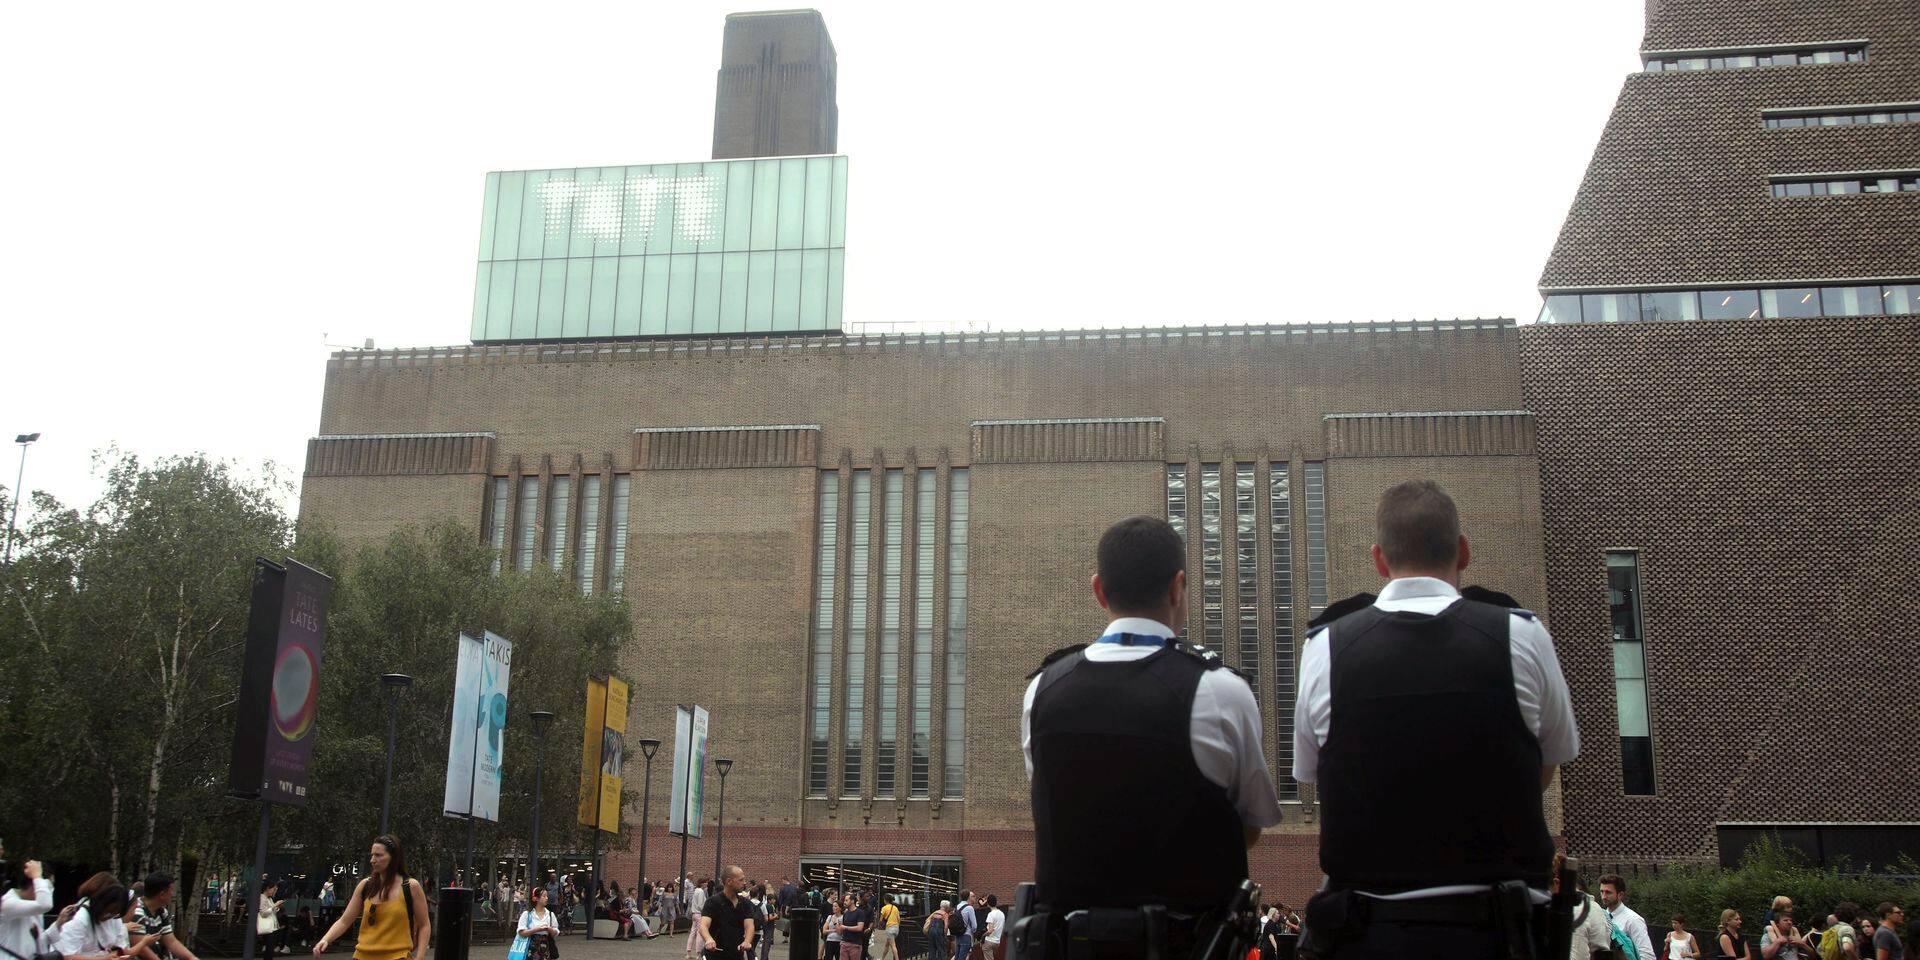 Garçon poussé du 10e étage d'un musée à Londres: le suspect inculpé de tentative de meurtre